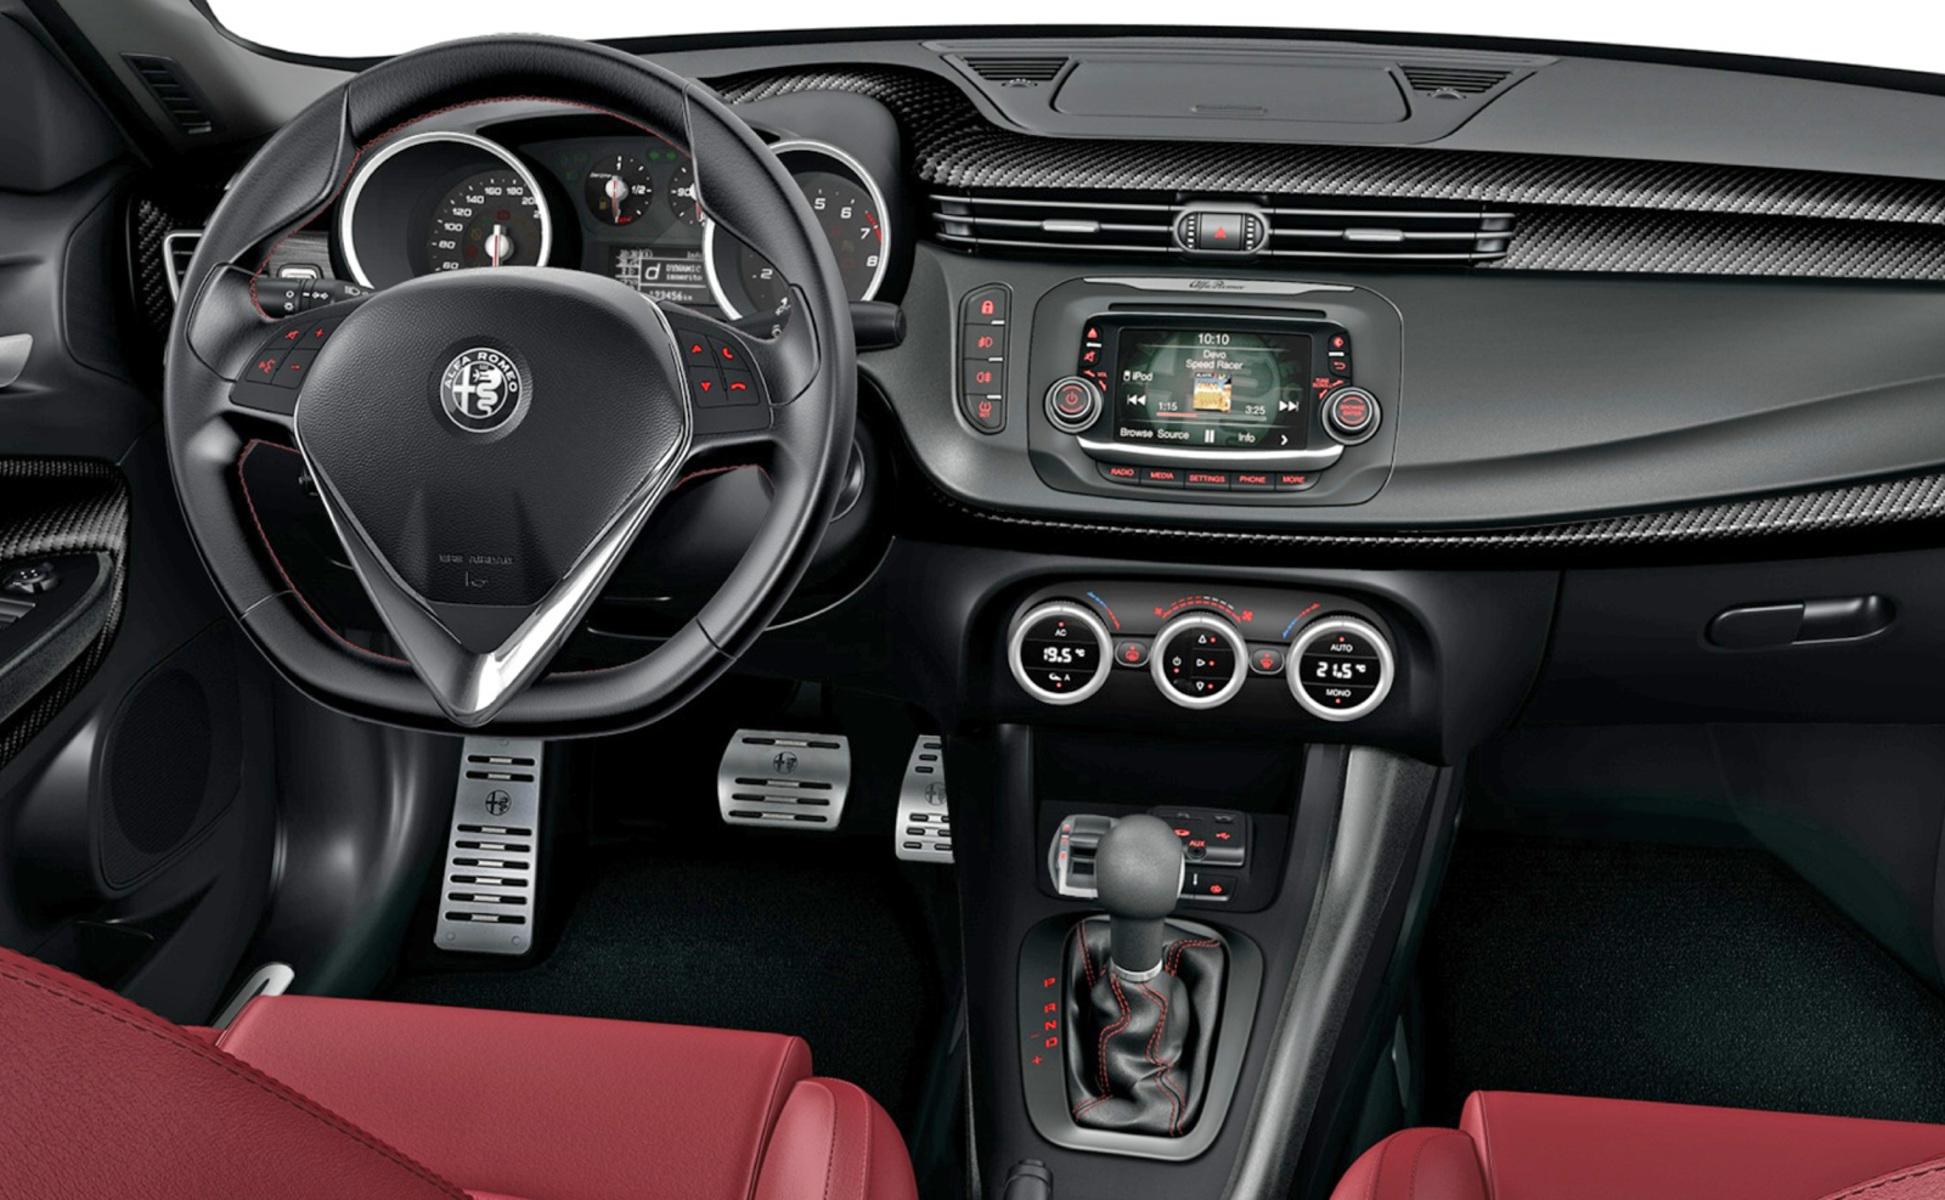 2018 Alfa Romeo Giulietta >> Listino Alfa Romeo Giulietta prezzo - scheda tecnica - consumi - foto - AlVolante.it